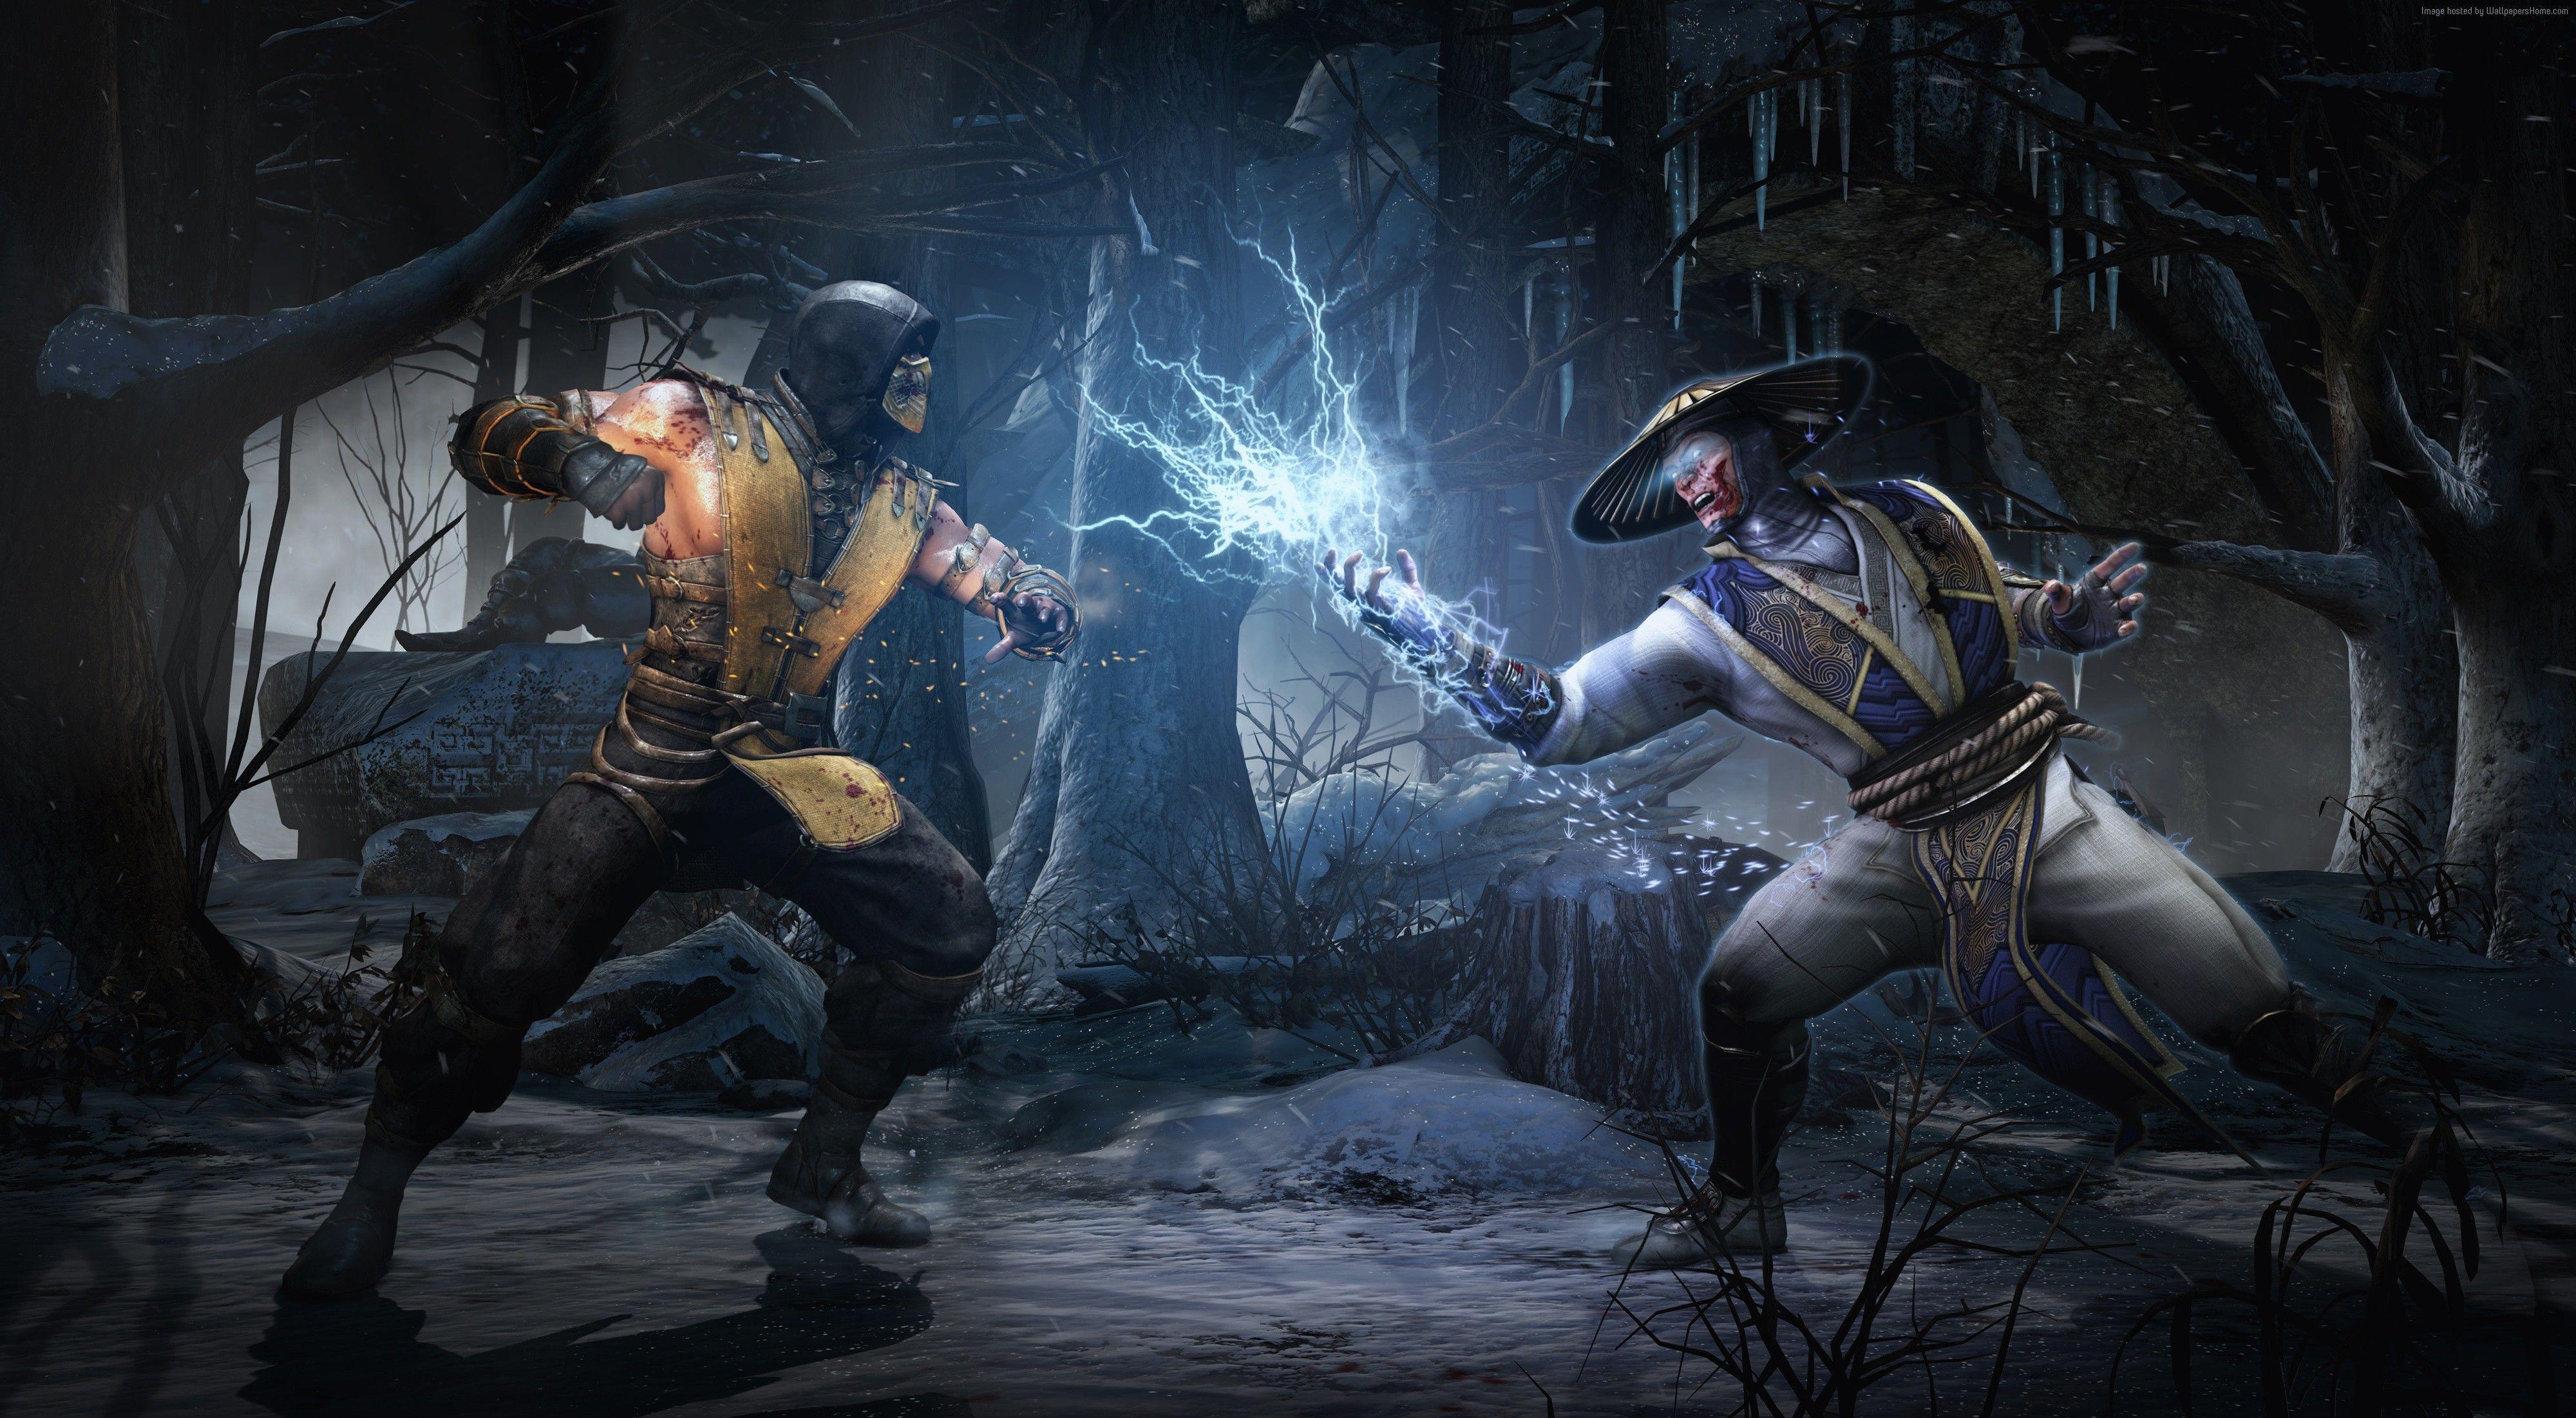 Download Mortal Kombat Wallpaper Raiden Pics